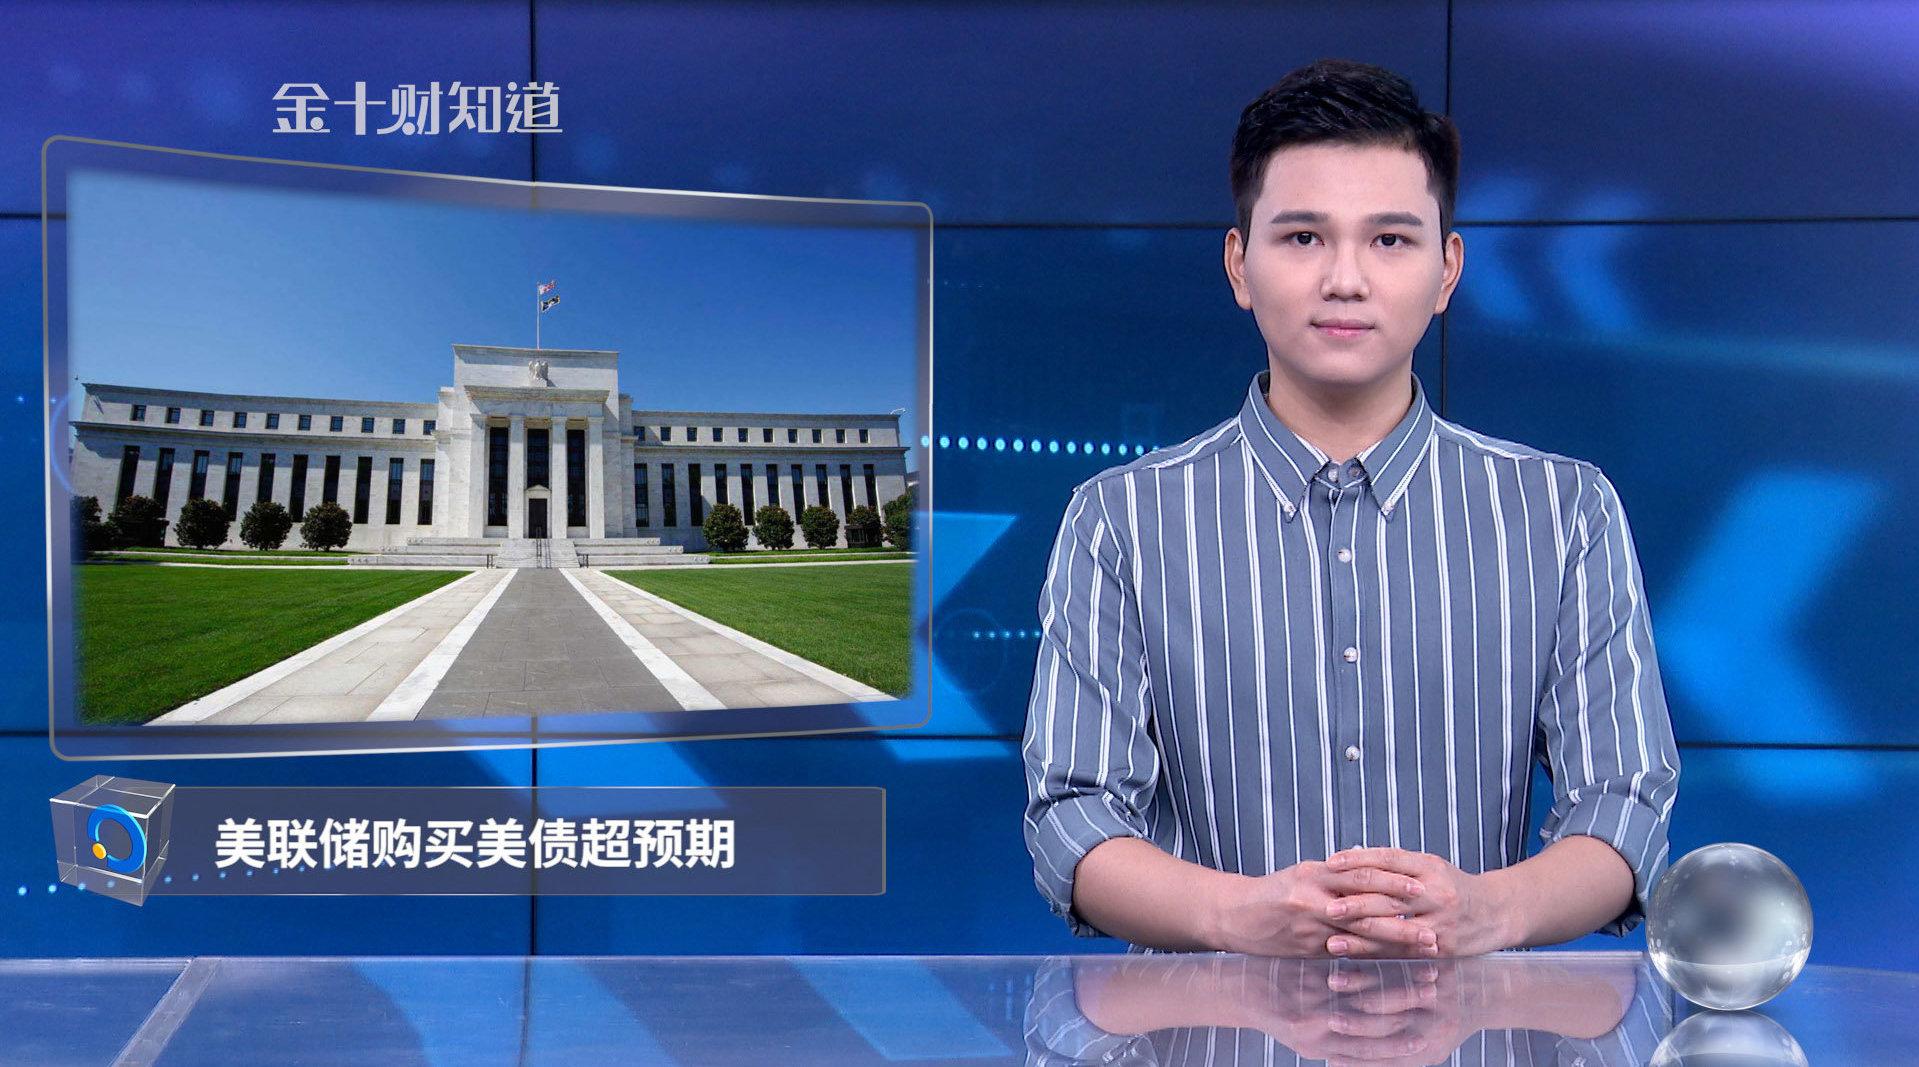 比预期还多!美联储将买入5400亿美债为美国解围?中国再抛售22亿